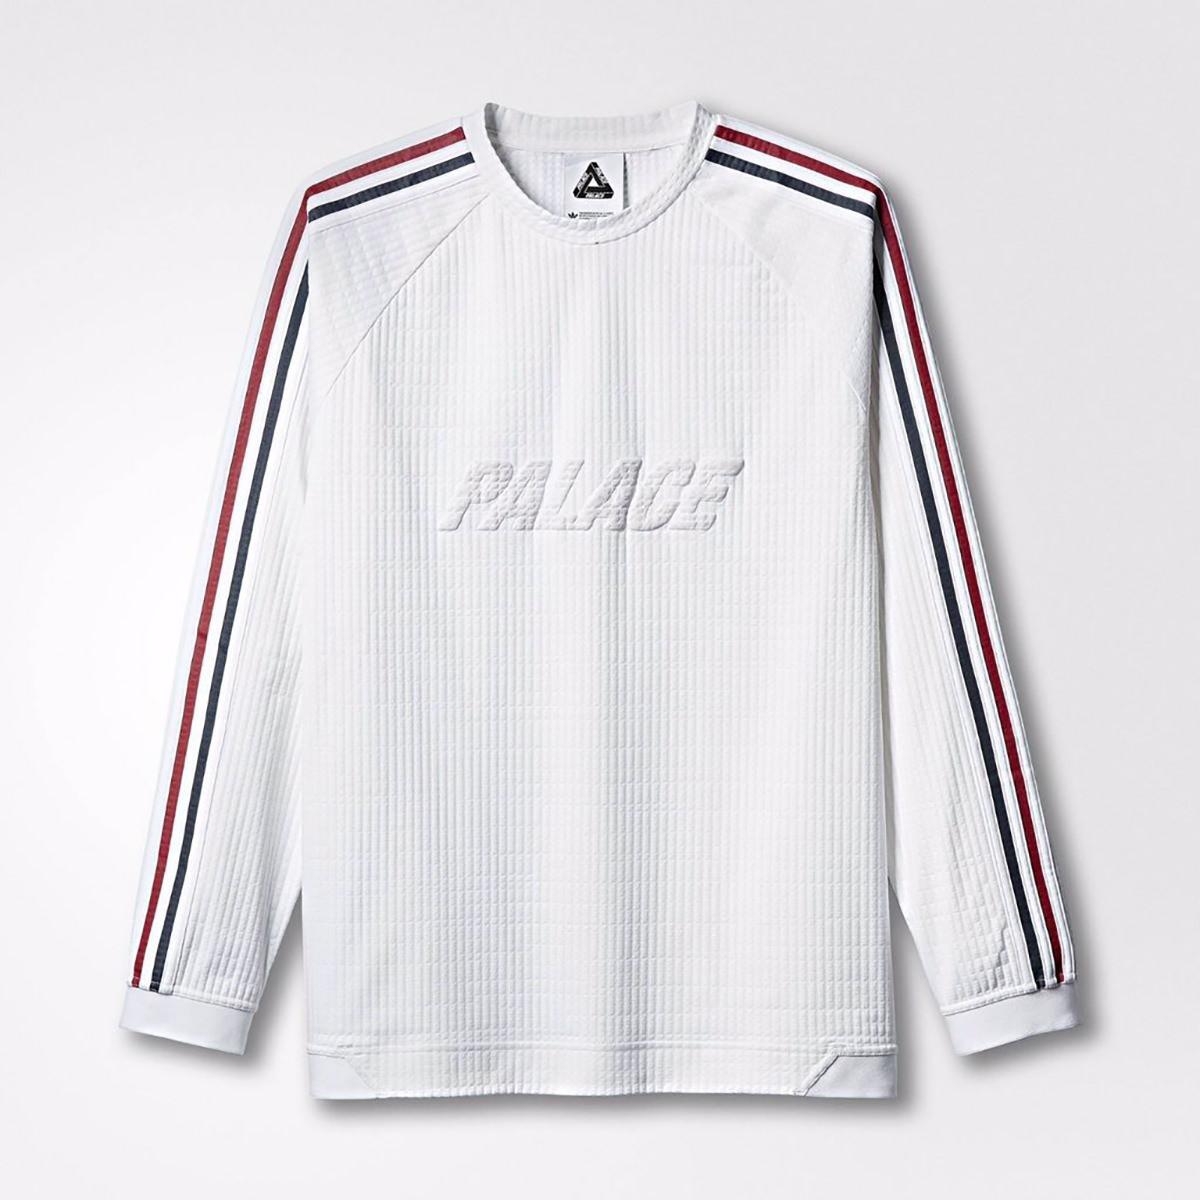 581e8dddfe18a07e4393fd31_palace-adidas-originals-2016fw-4